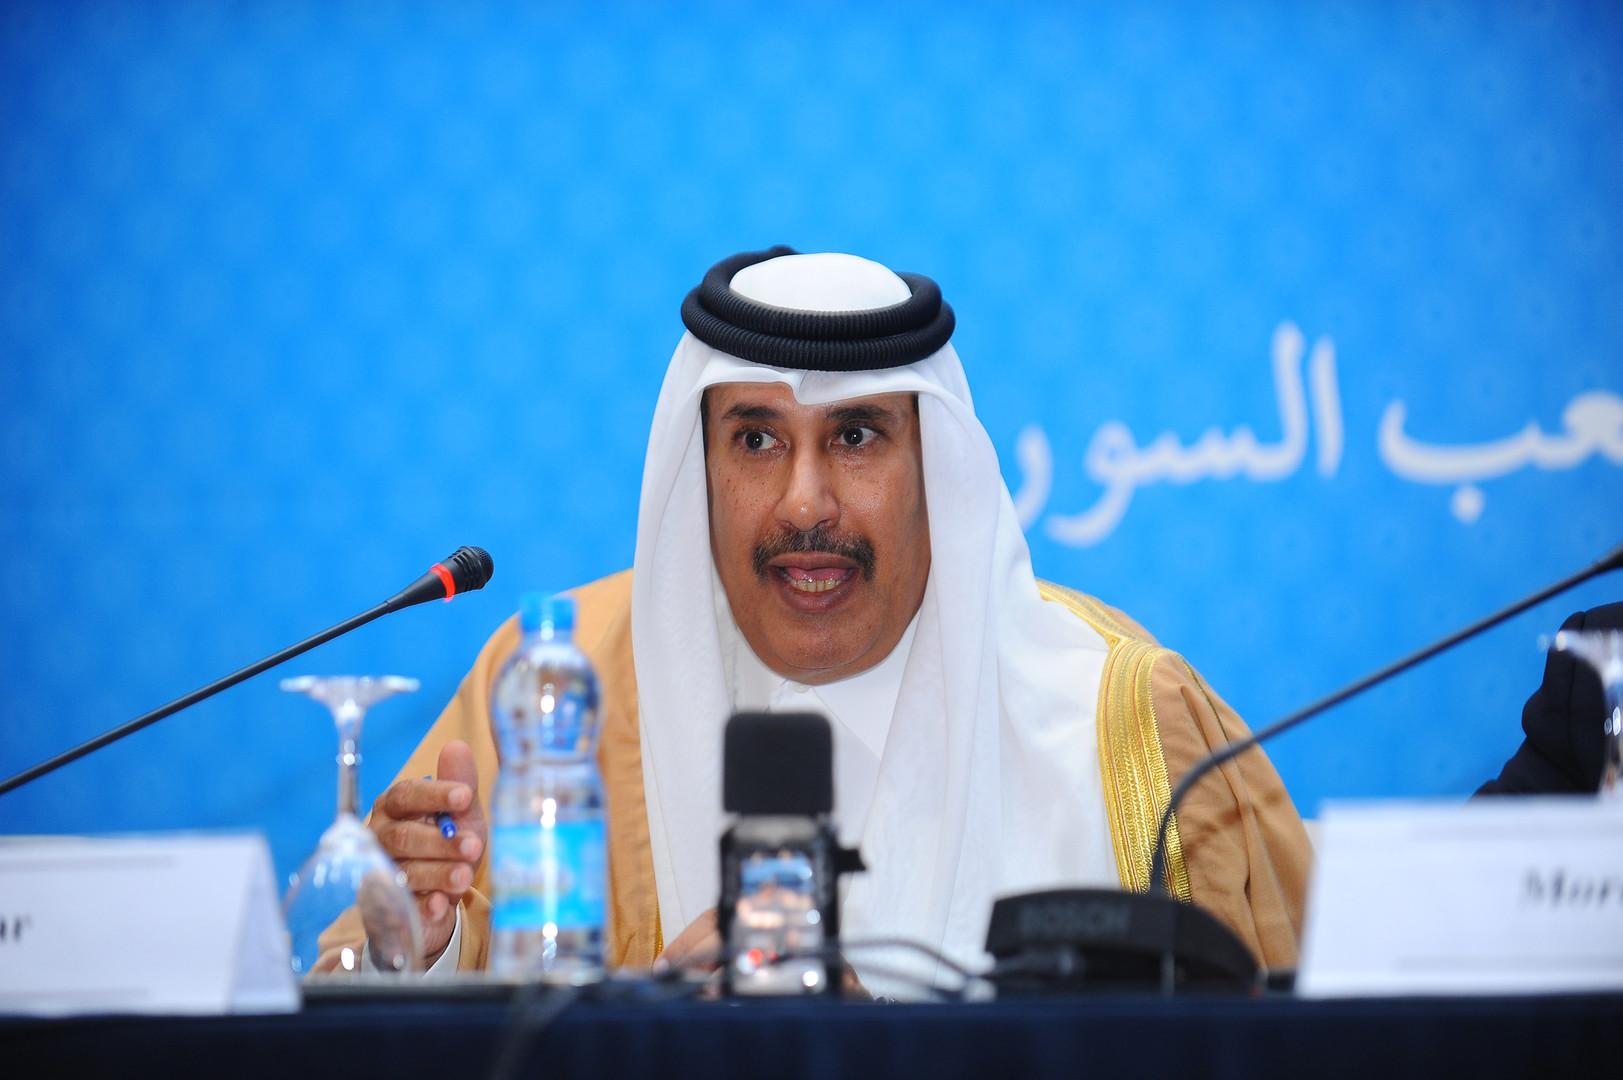 حمد بن جاسم يثير غضب المغردين السعوديين والإماراتيين بتغريدة عن